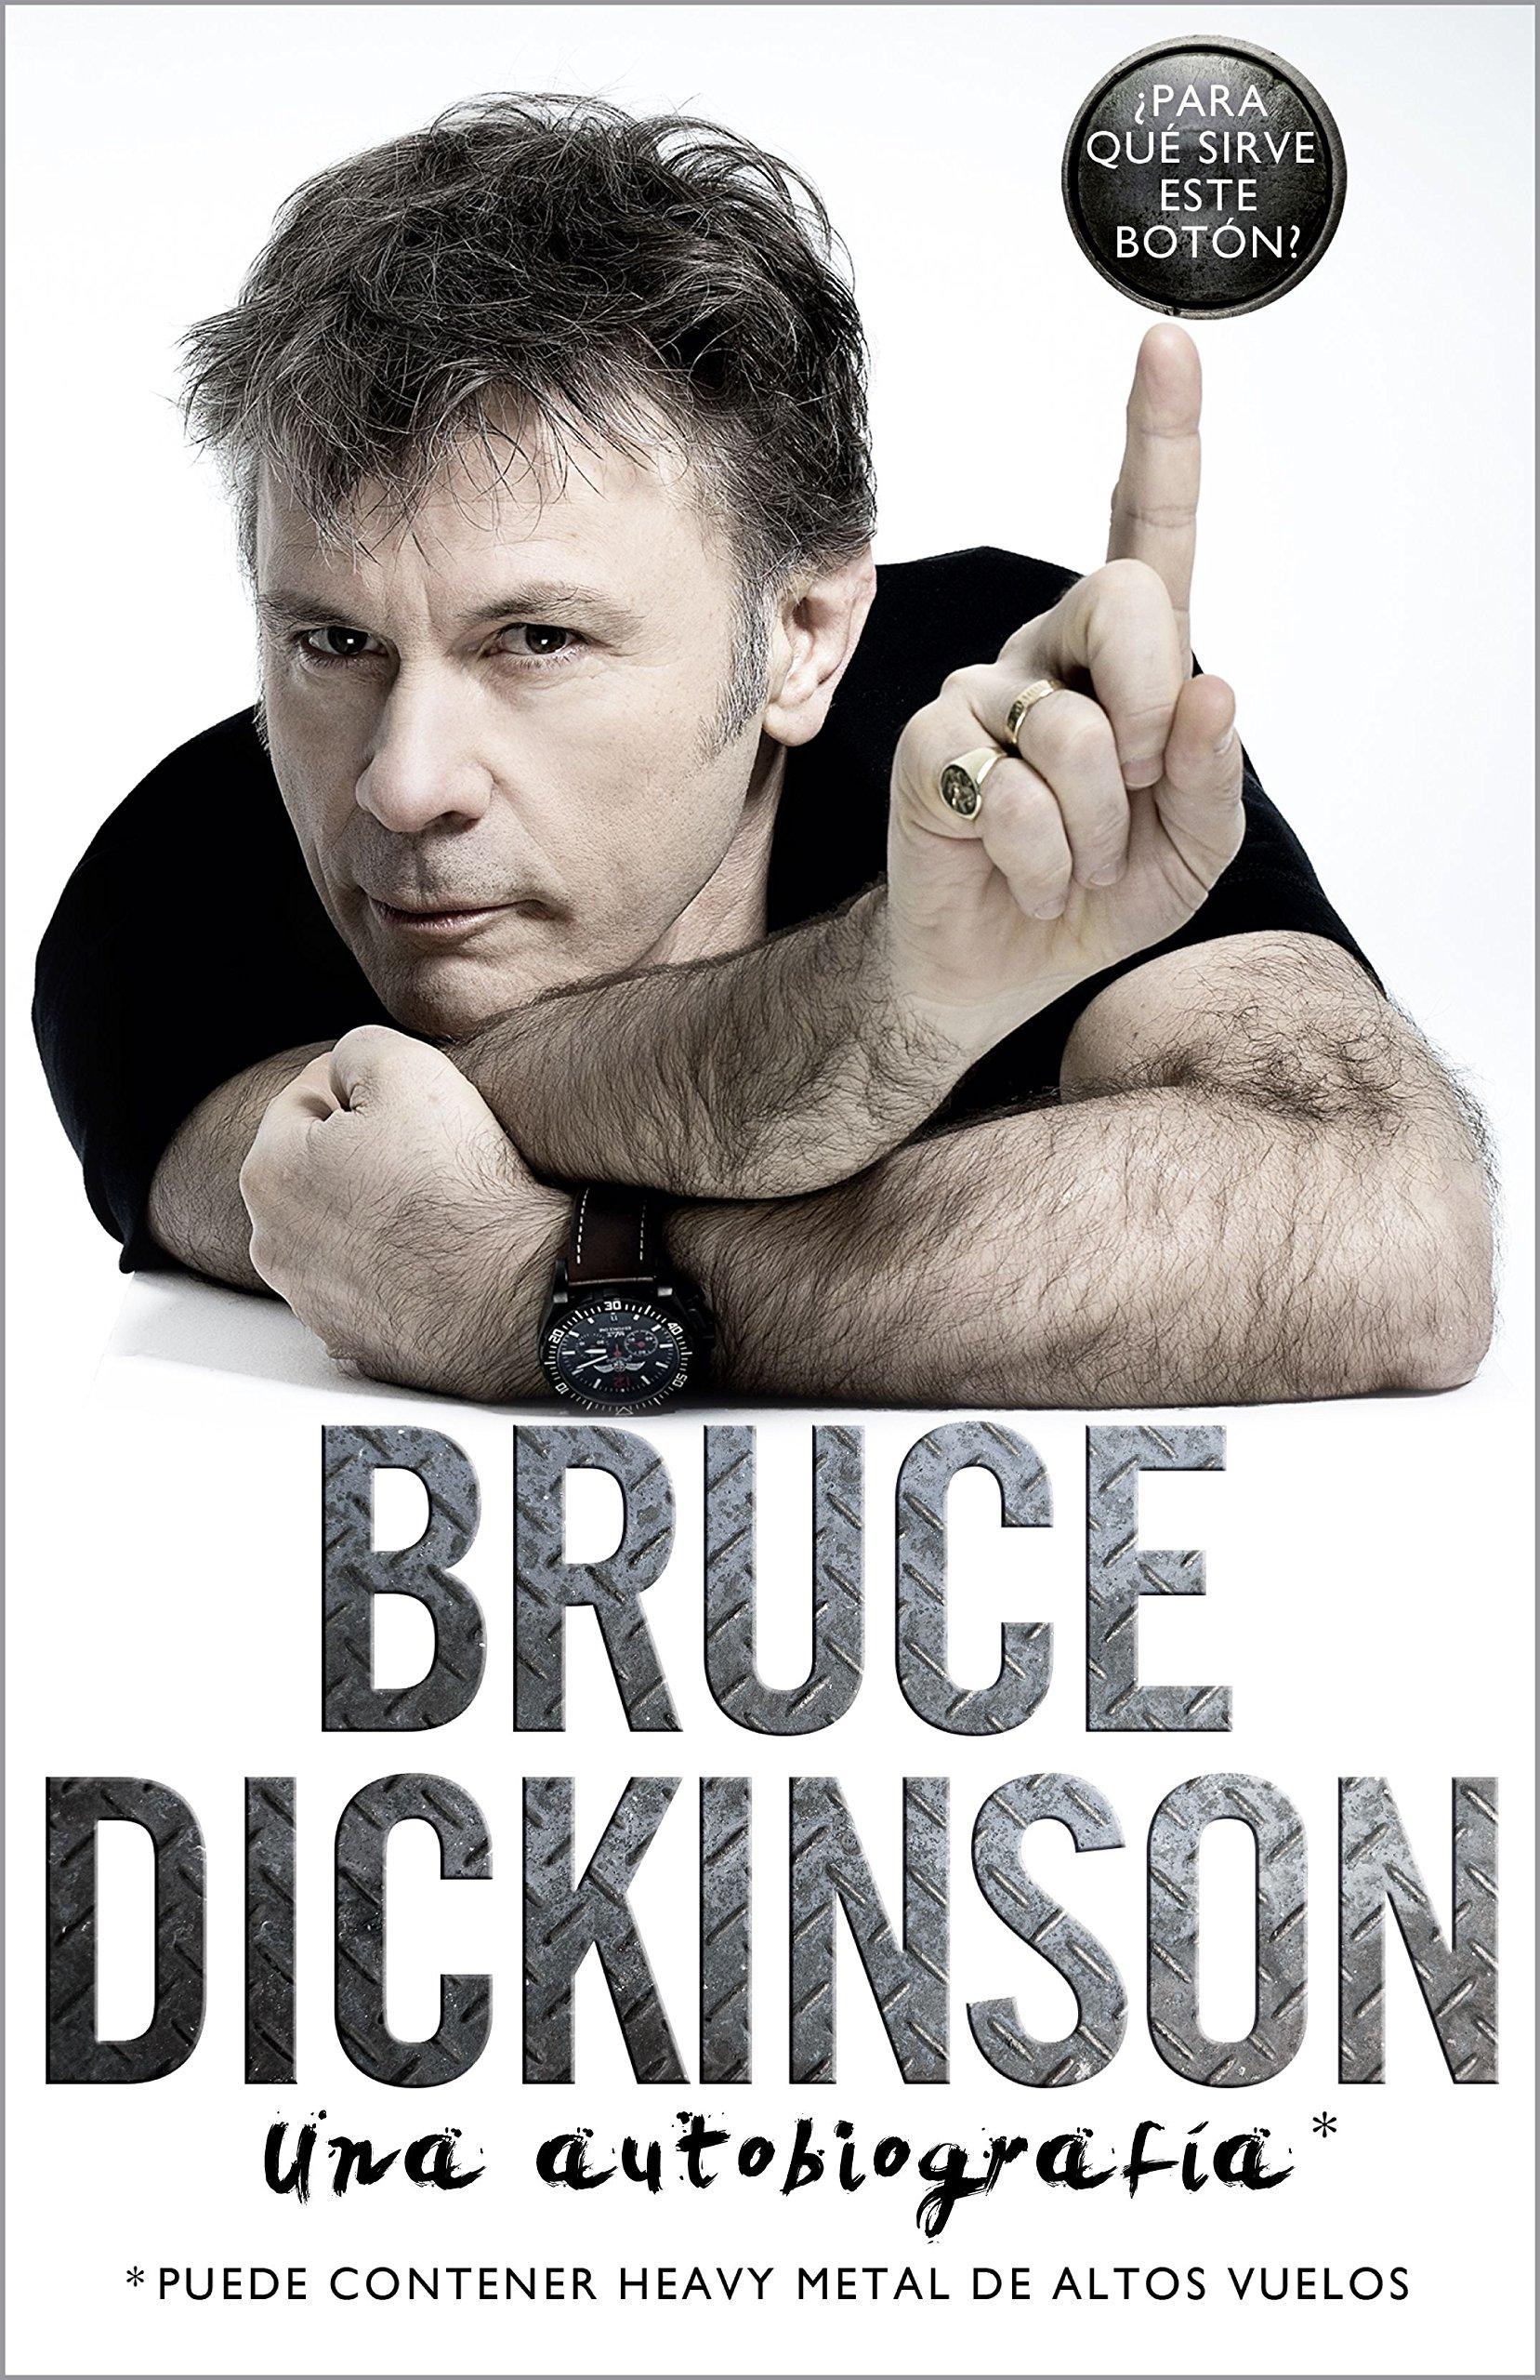 Bruce Dickinson: Una autobiografía (Música y cine) Tapa dura – 26 jun 2018 Pilar Recuero Libros Cúpula 8448024478 Autobiography: general